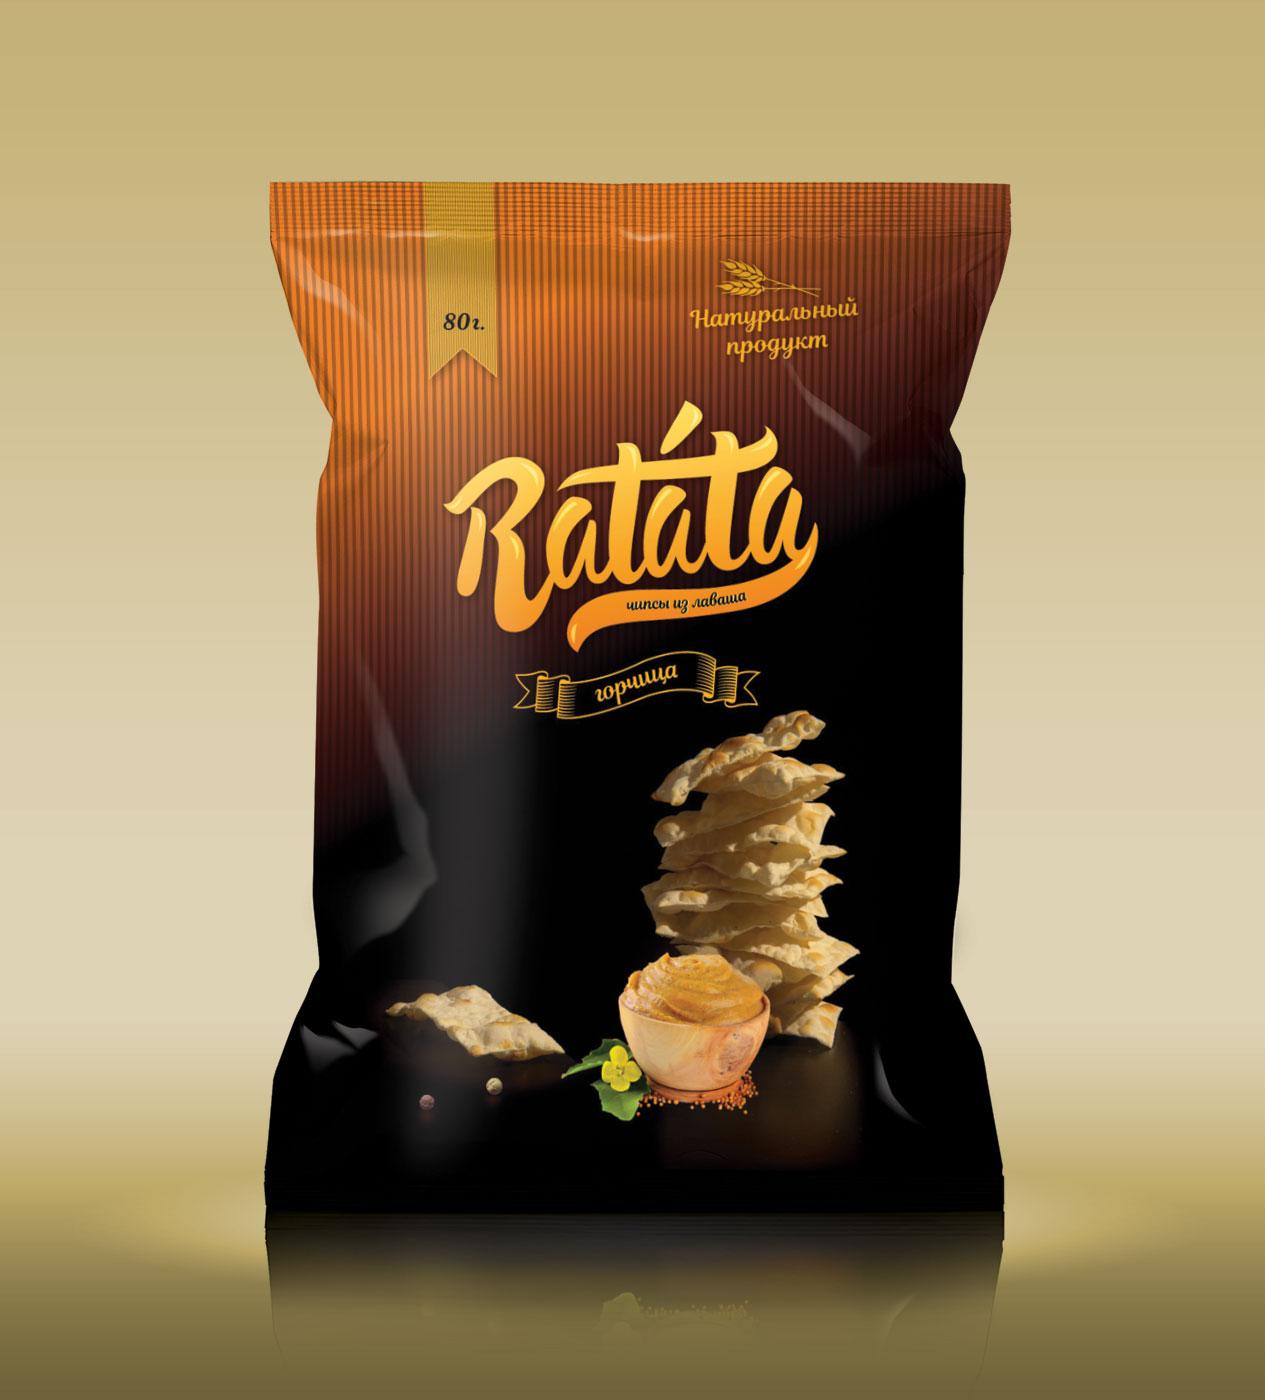 Packaging disenyo para sa Ratata mustasa chips